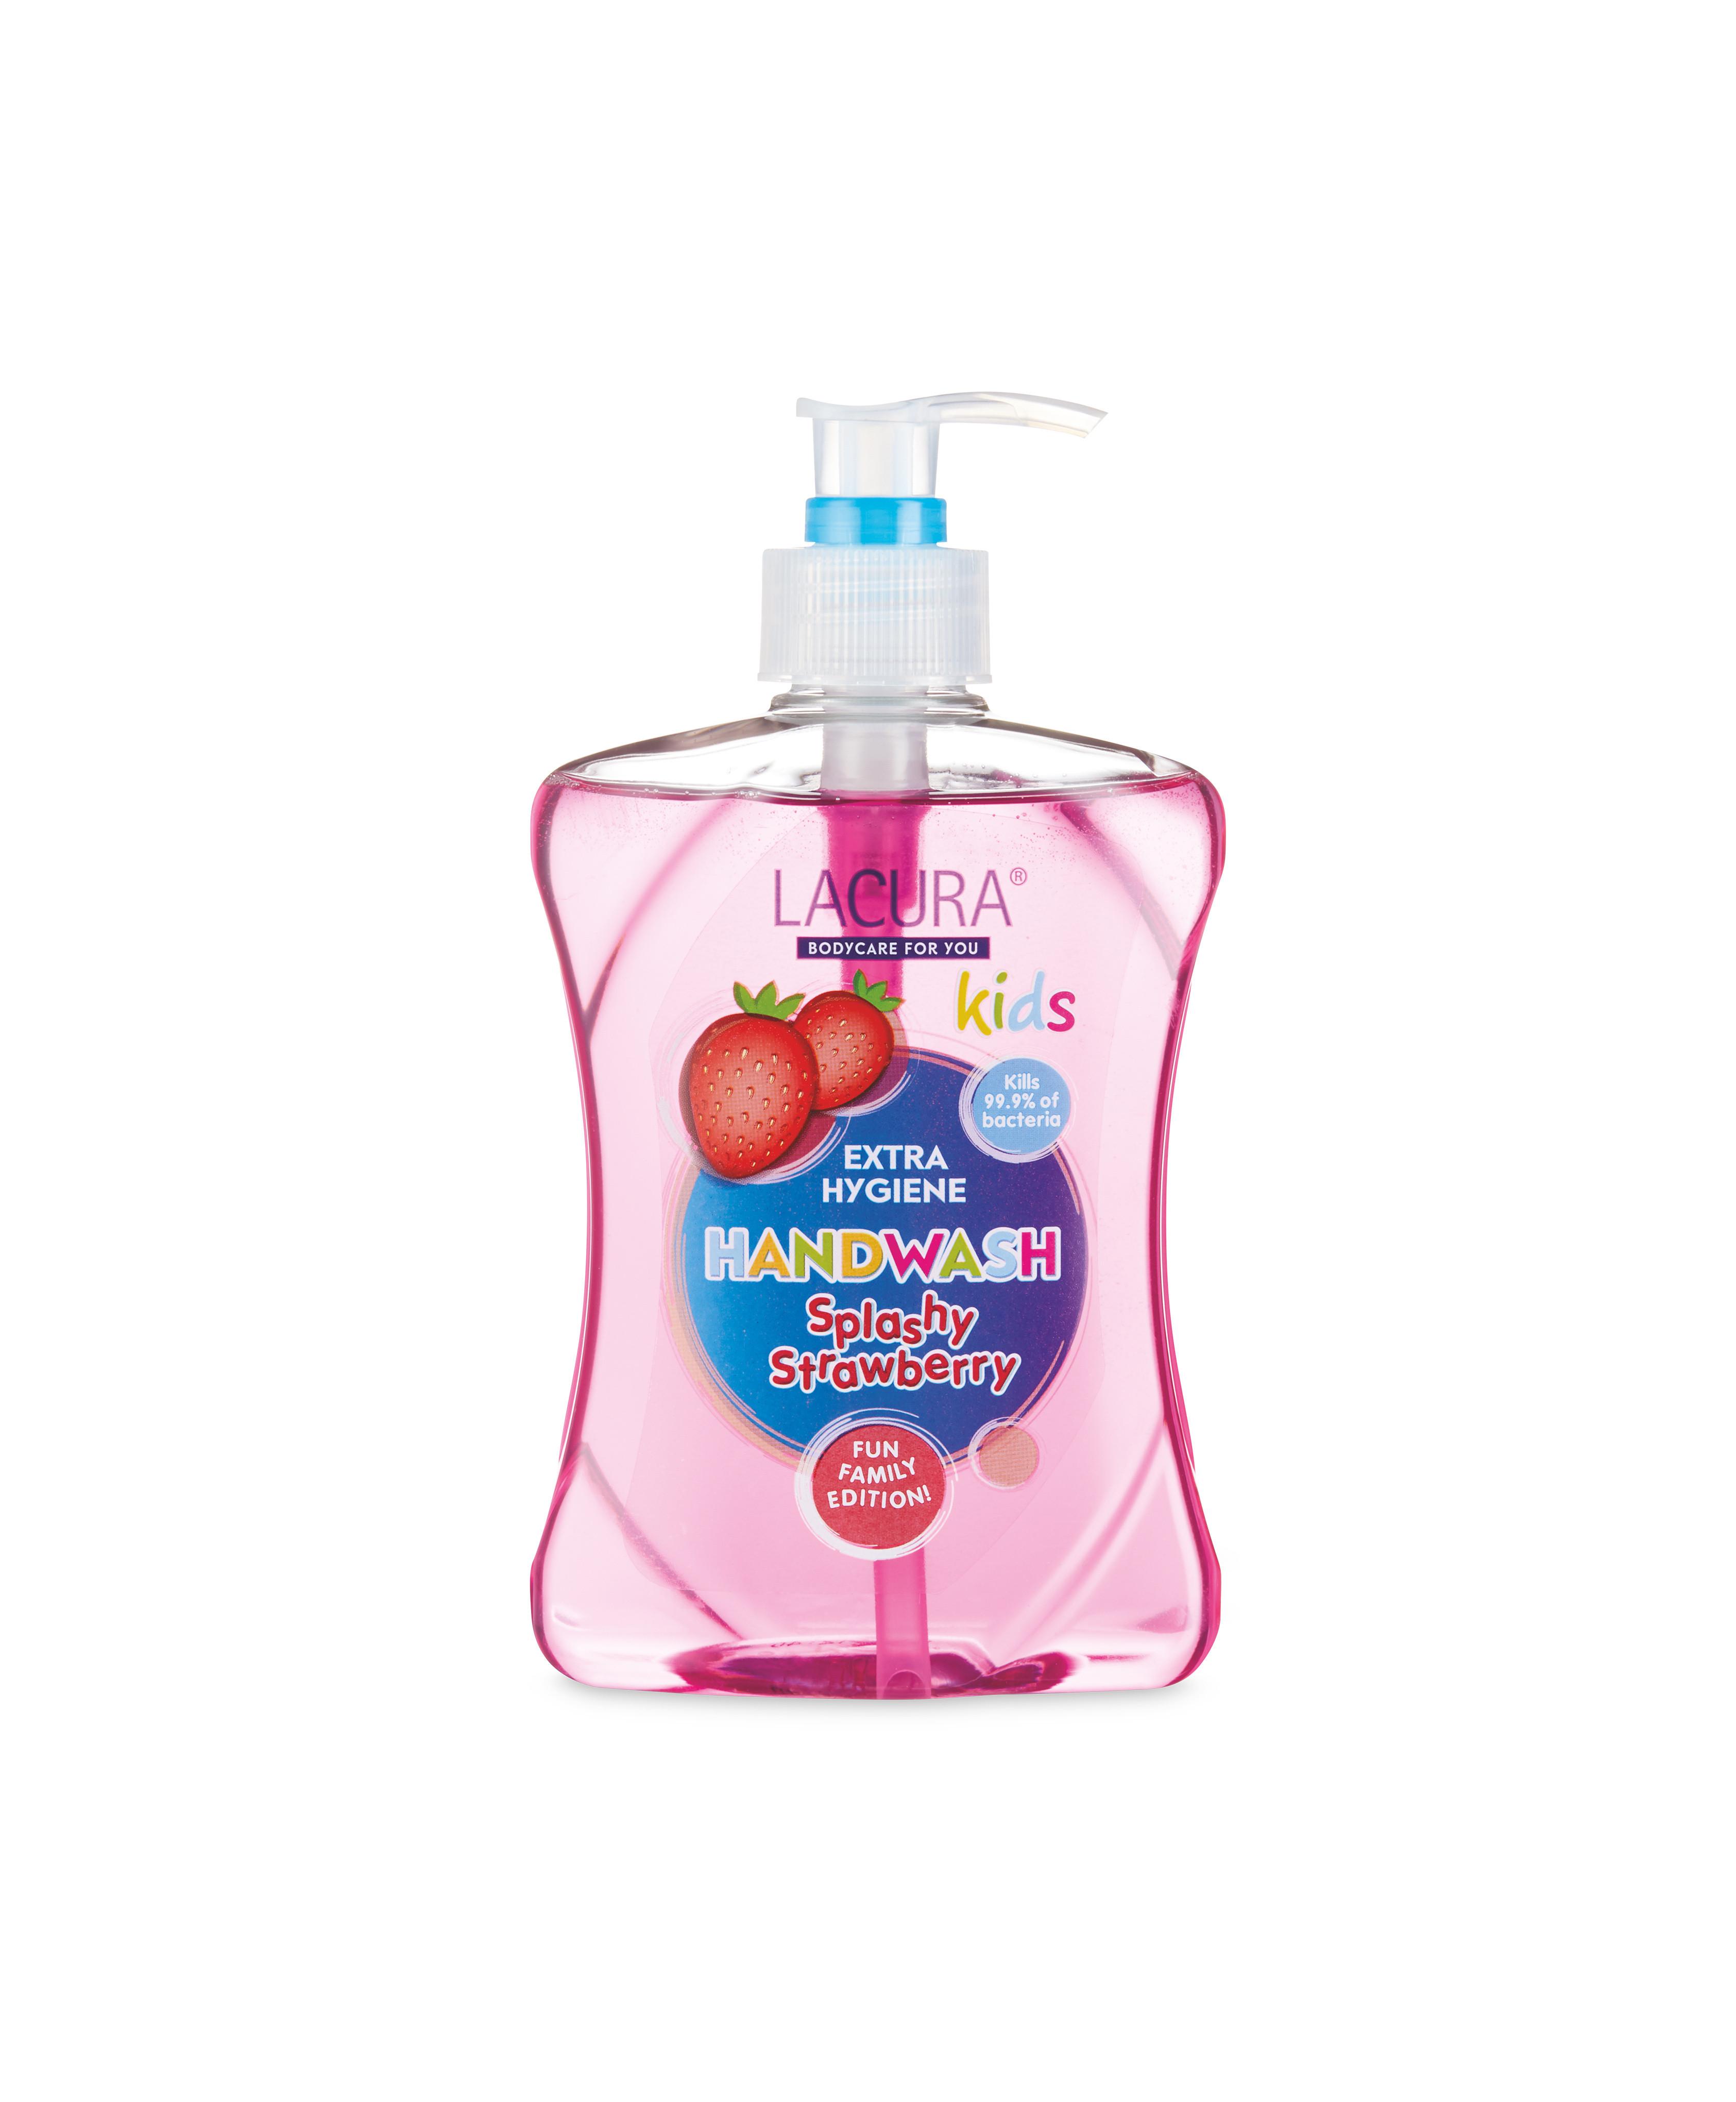 Handzeep aardbei geur extra hygiëne – antibacterieel (洗手液)